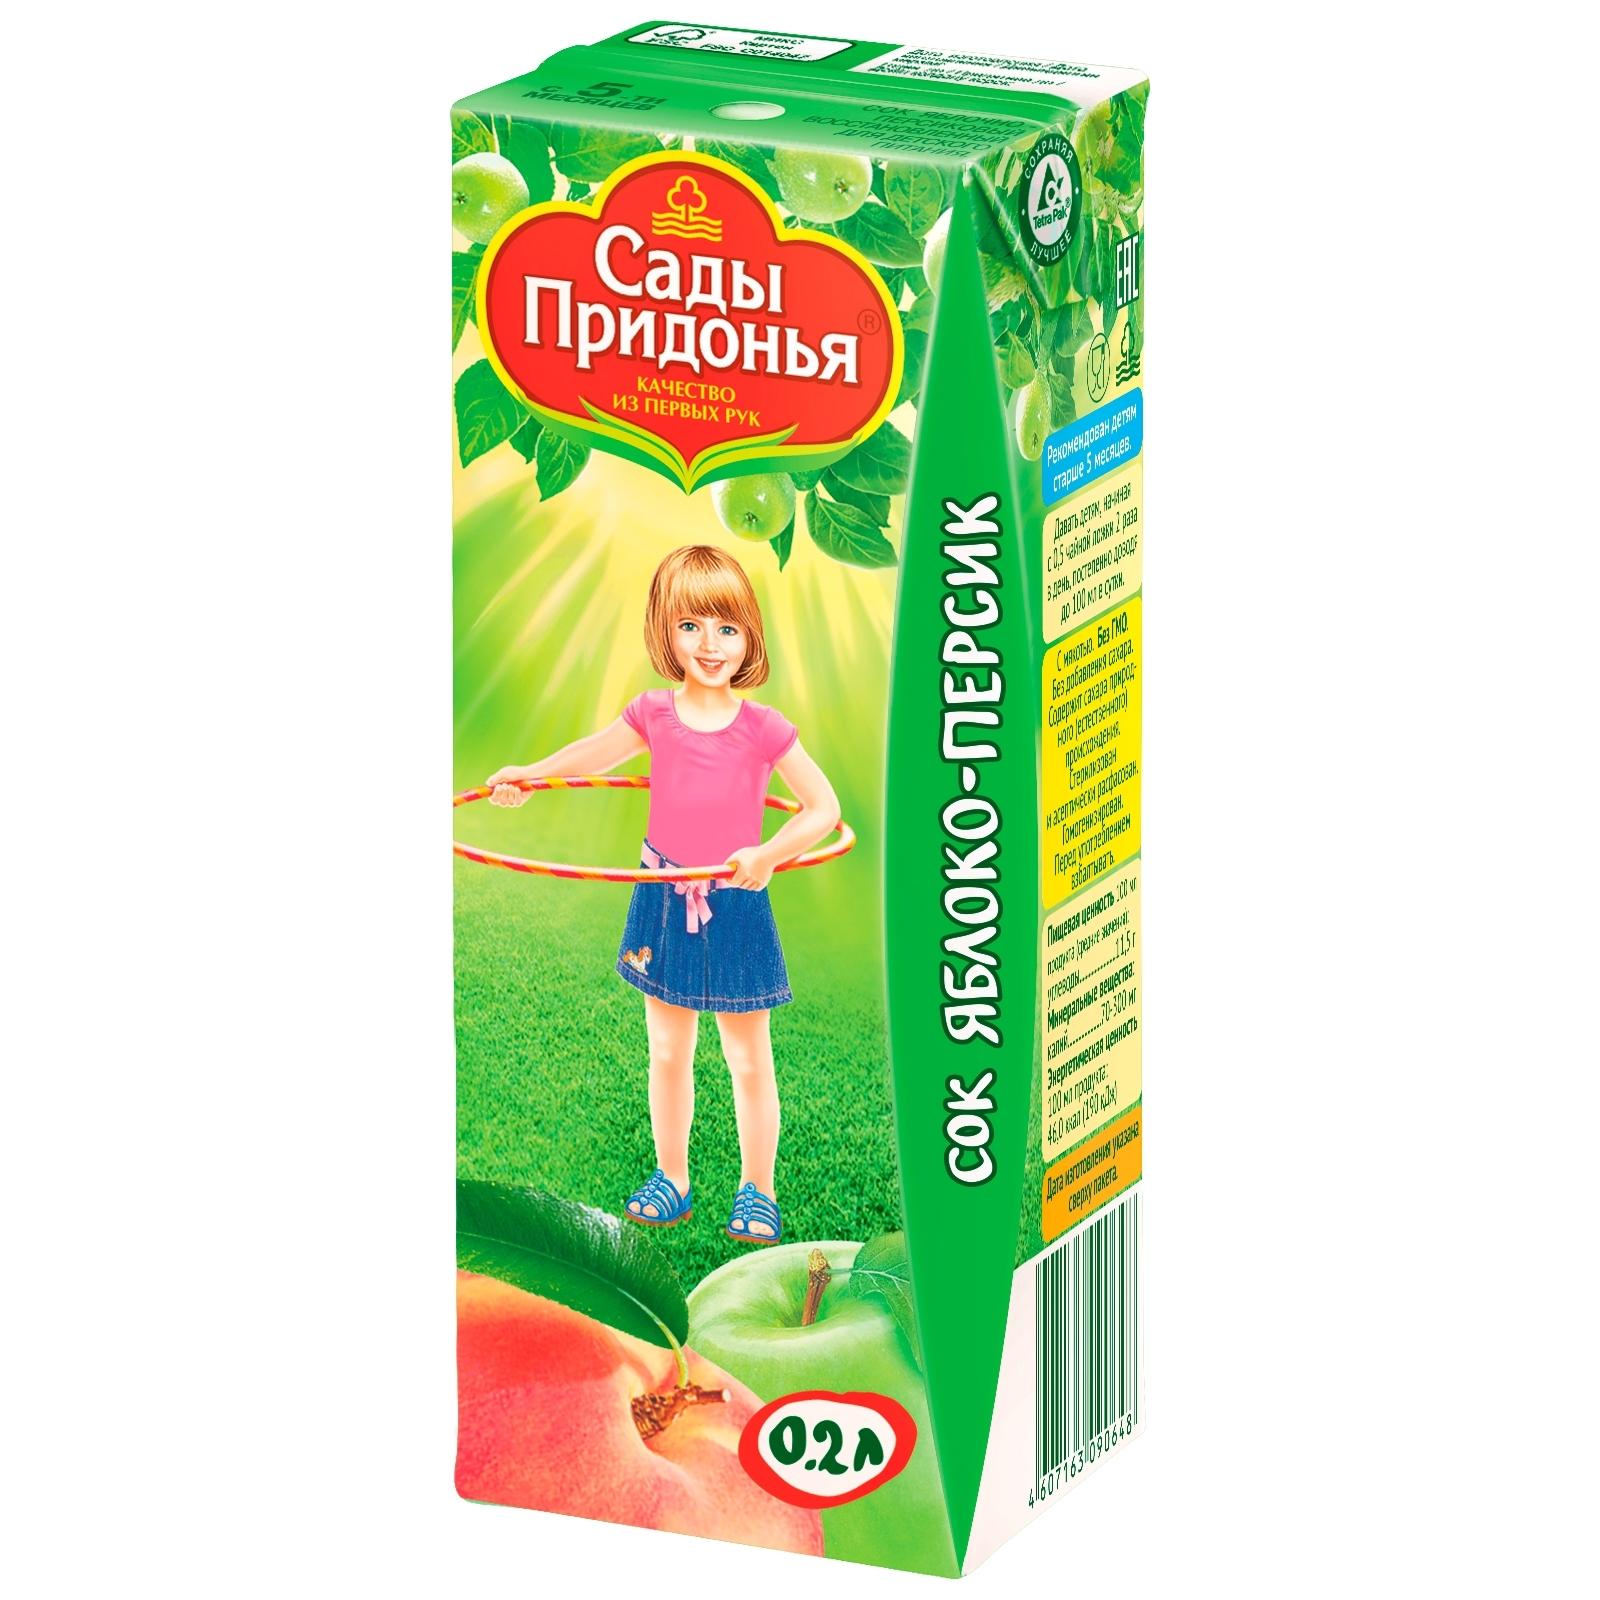 Сок Сады Придонья 200 мл (тетрапак) Яблочно-персиковый с мякотью (с 5 мес)<br>